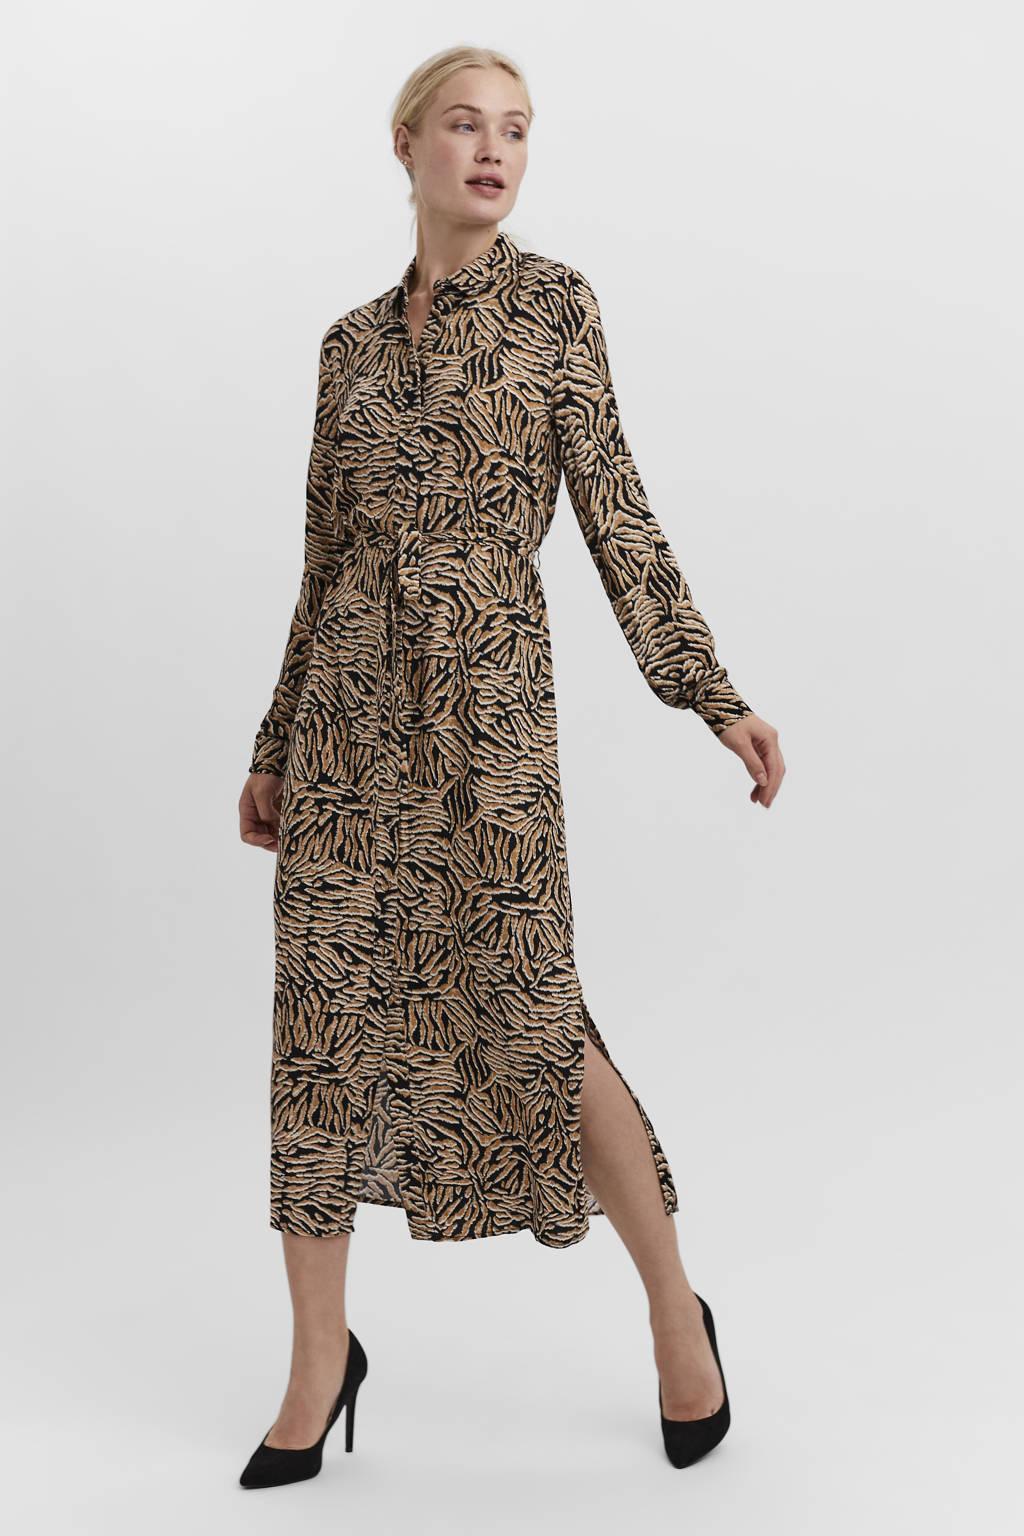 VERO MODA blousejurk VMUMA met all over print en ceintuur bruin/zwrat/wit, Bruin/zwrat/wit